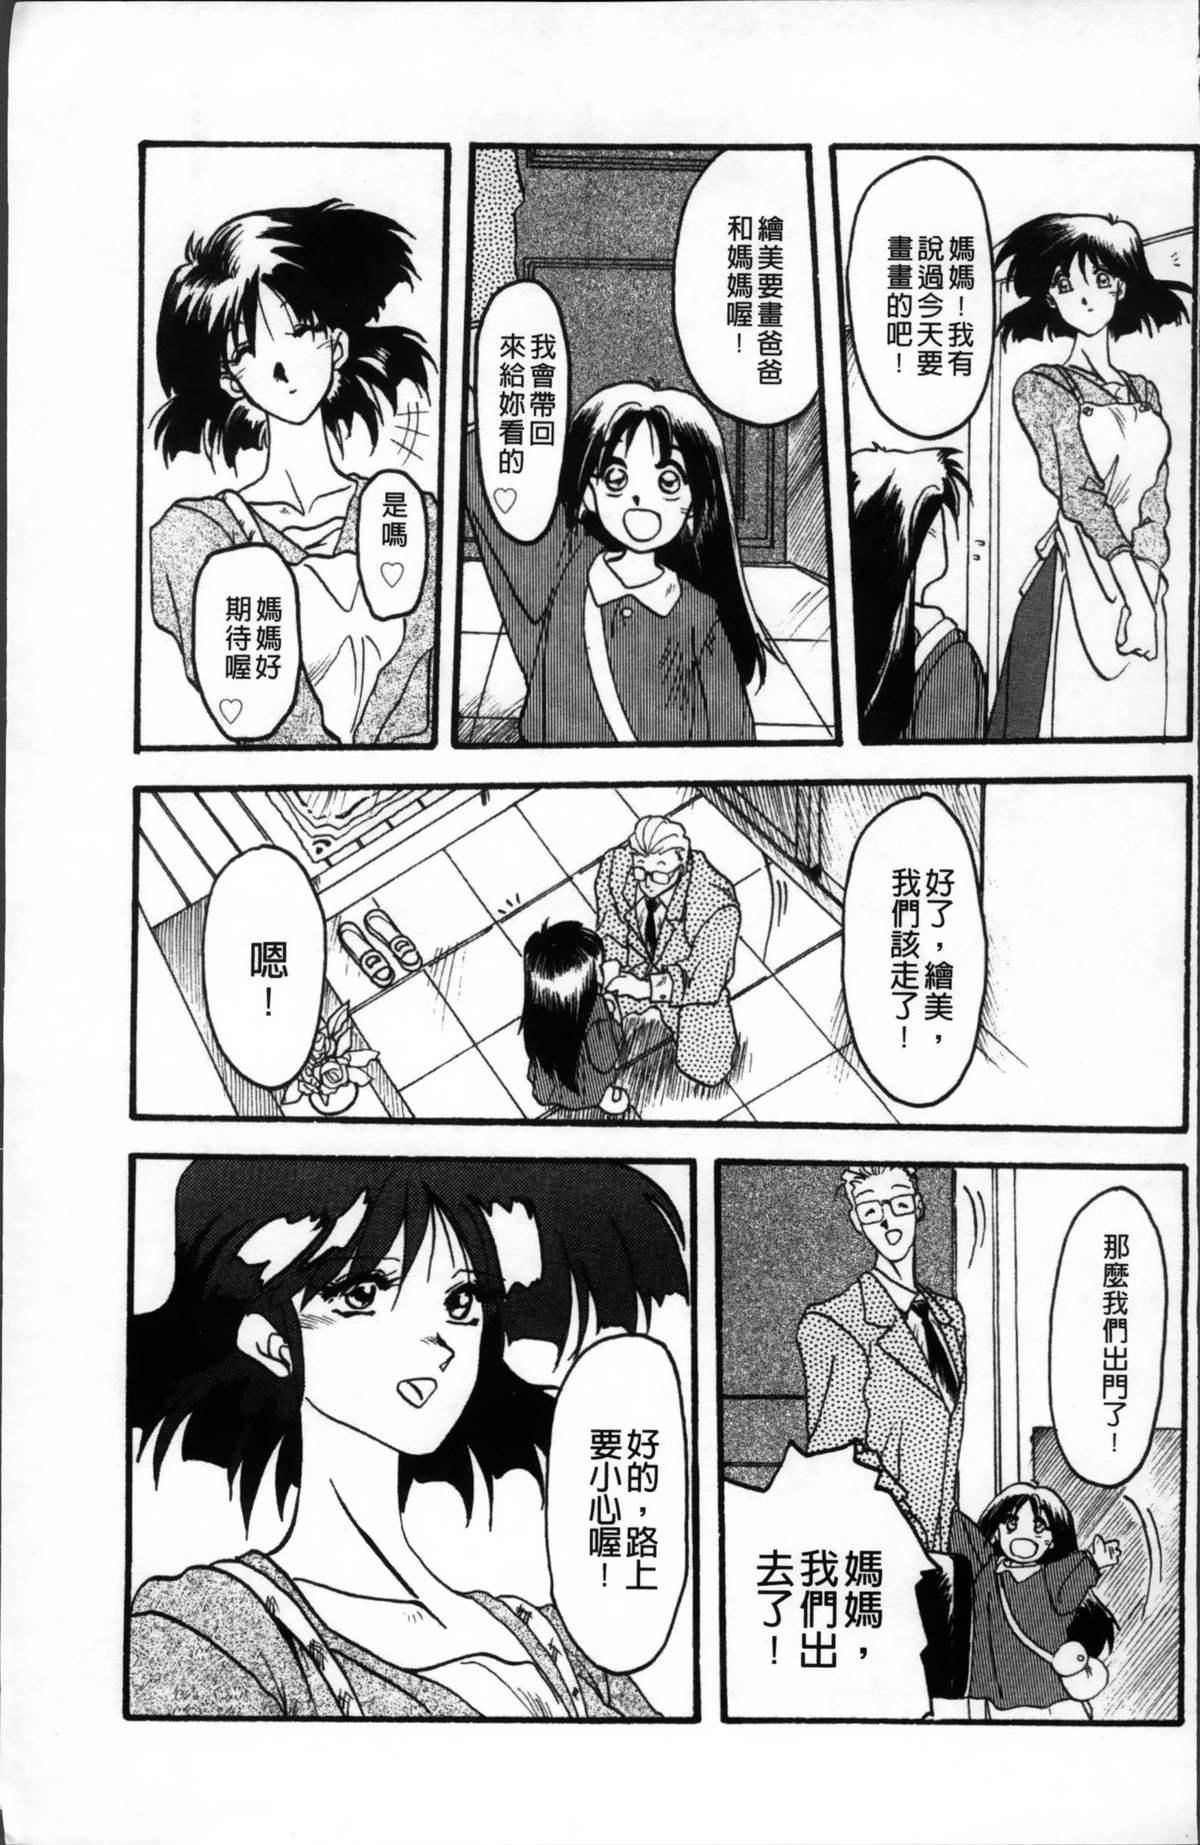 Hiiro no Koku Kanzenban   緋色之刻 完全版 8